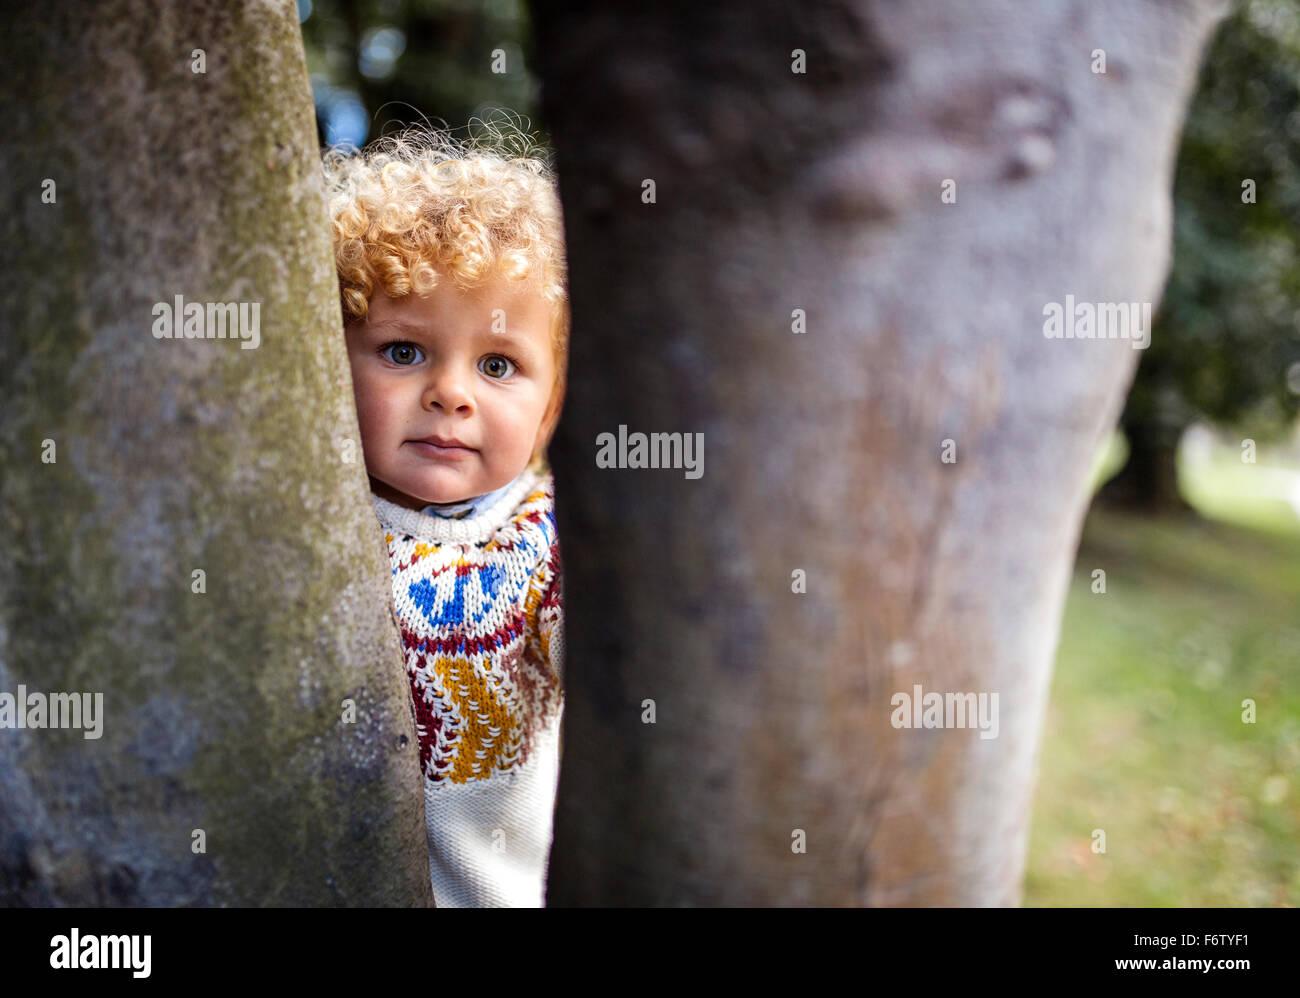 Portrait de petit garçon blond portant pull tricoté à motifs à entre deux troncs d'arbre Photo Stock